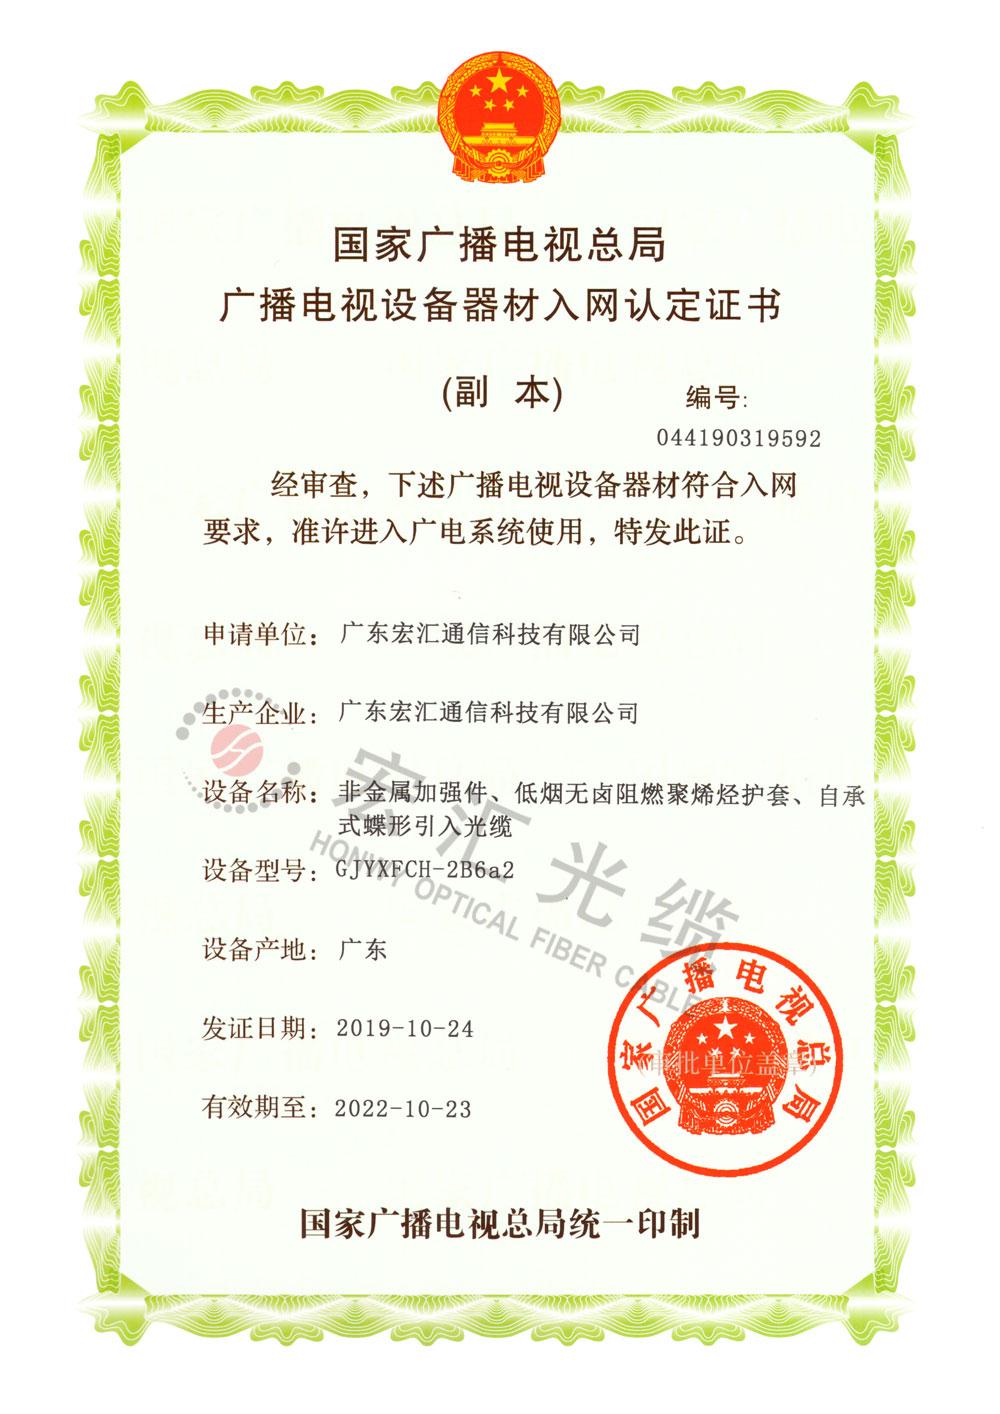 国家广电总局入网证书(GJYXFCH-2B6a2)